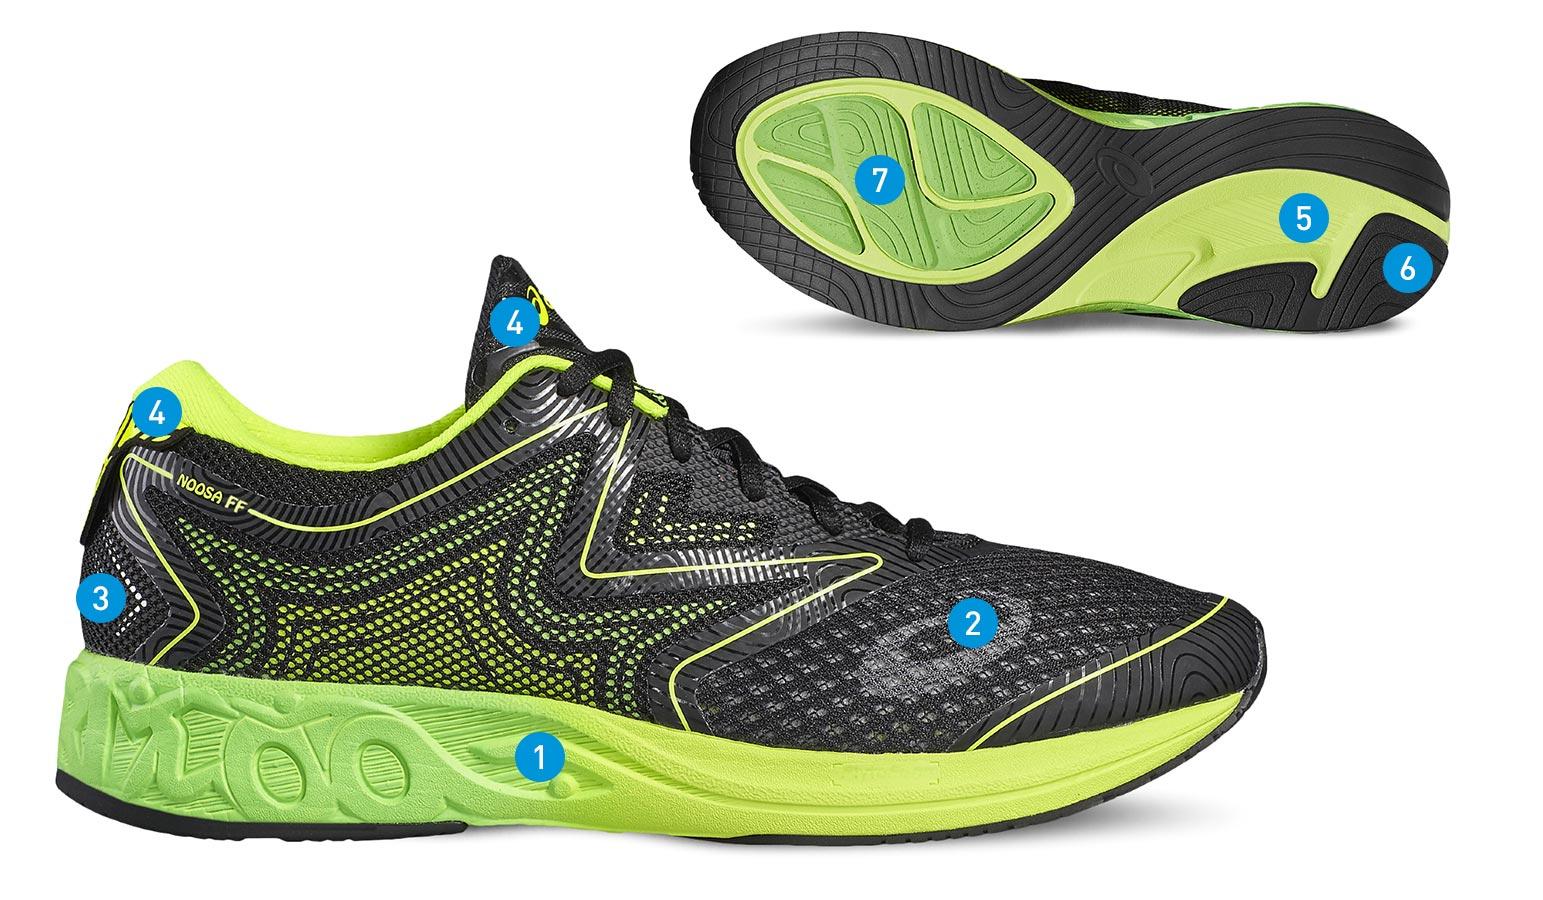 Ff Noosa Couleur Multi Asics Chaussures Femme Triathlon De nqxPw4nZ8A